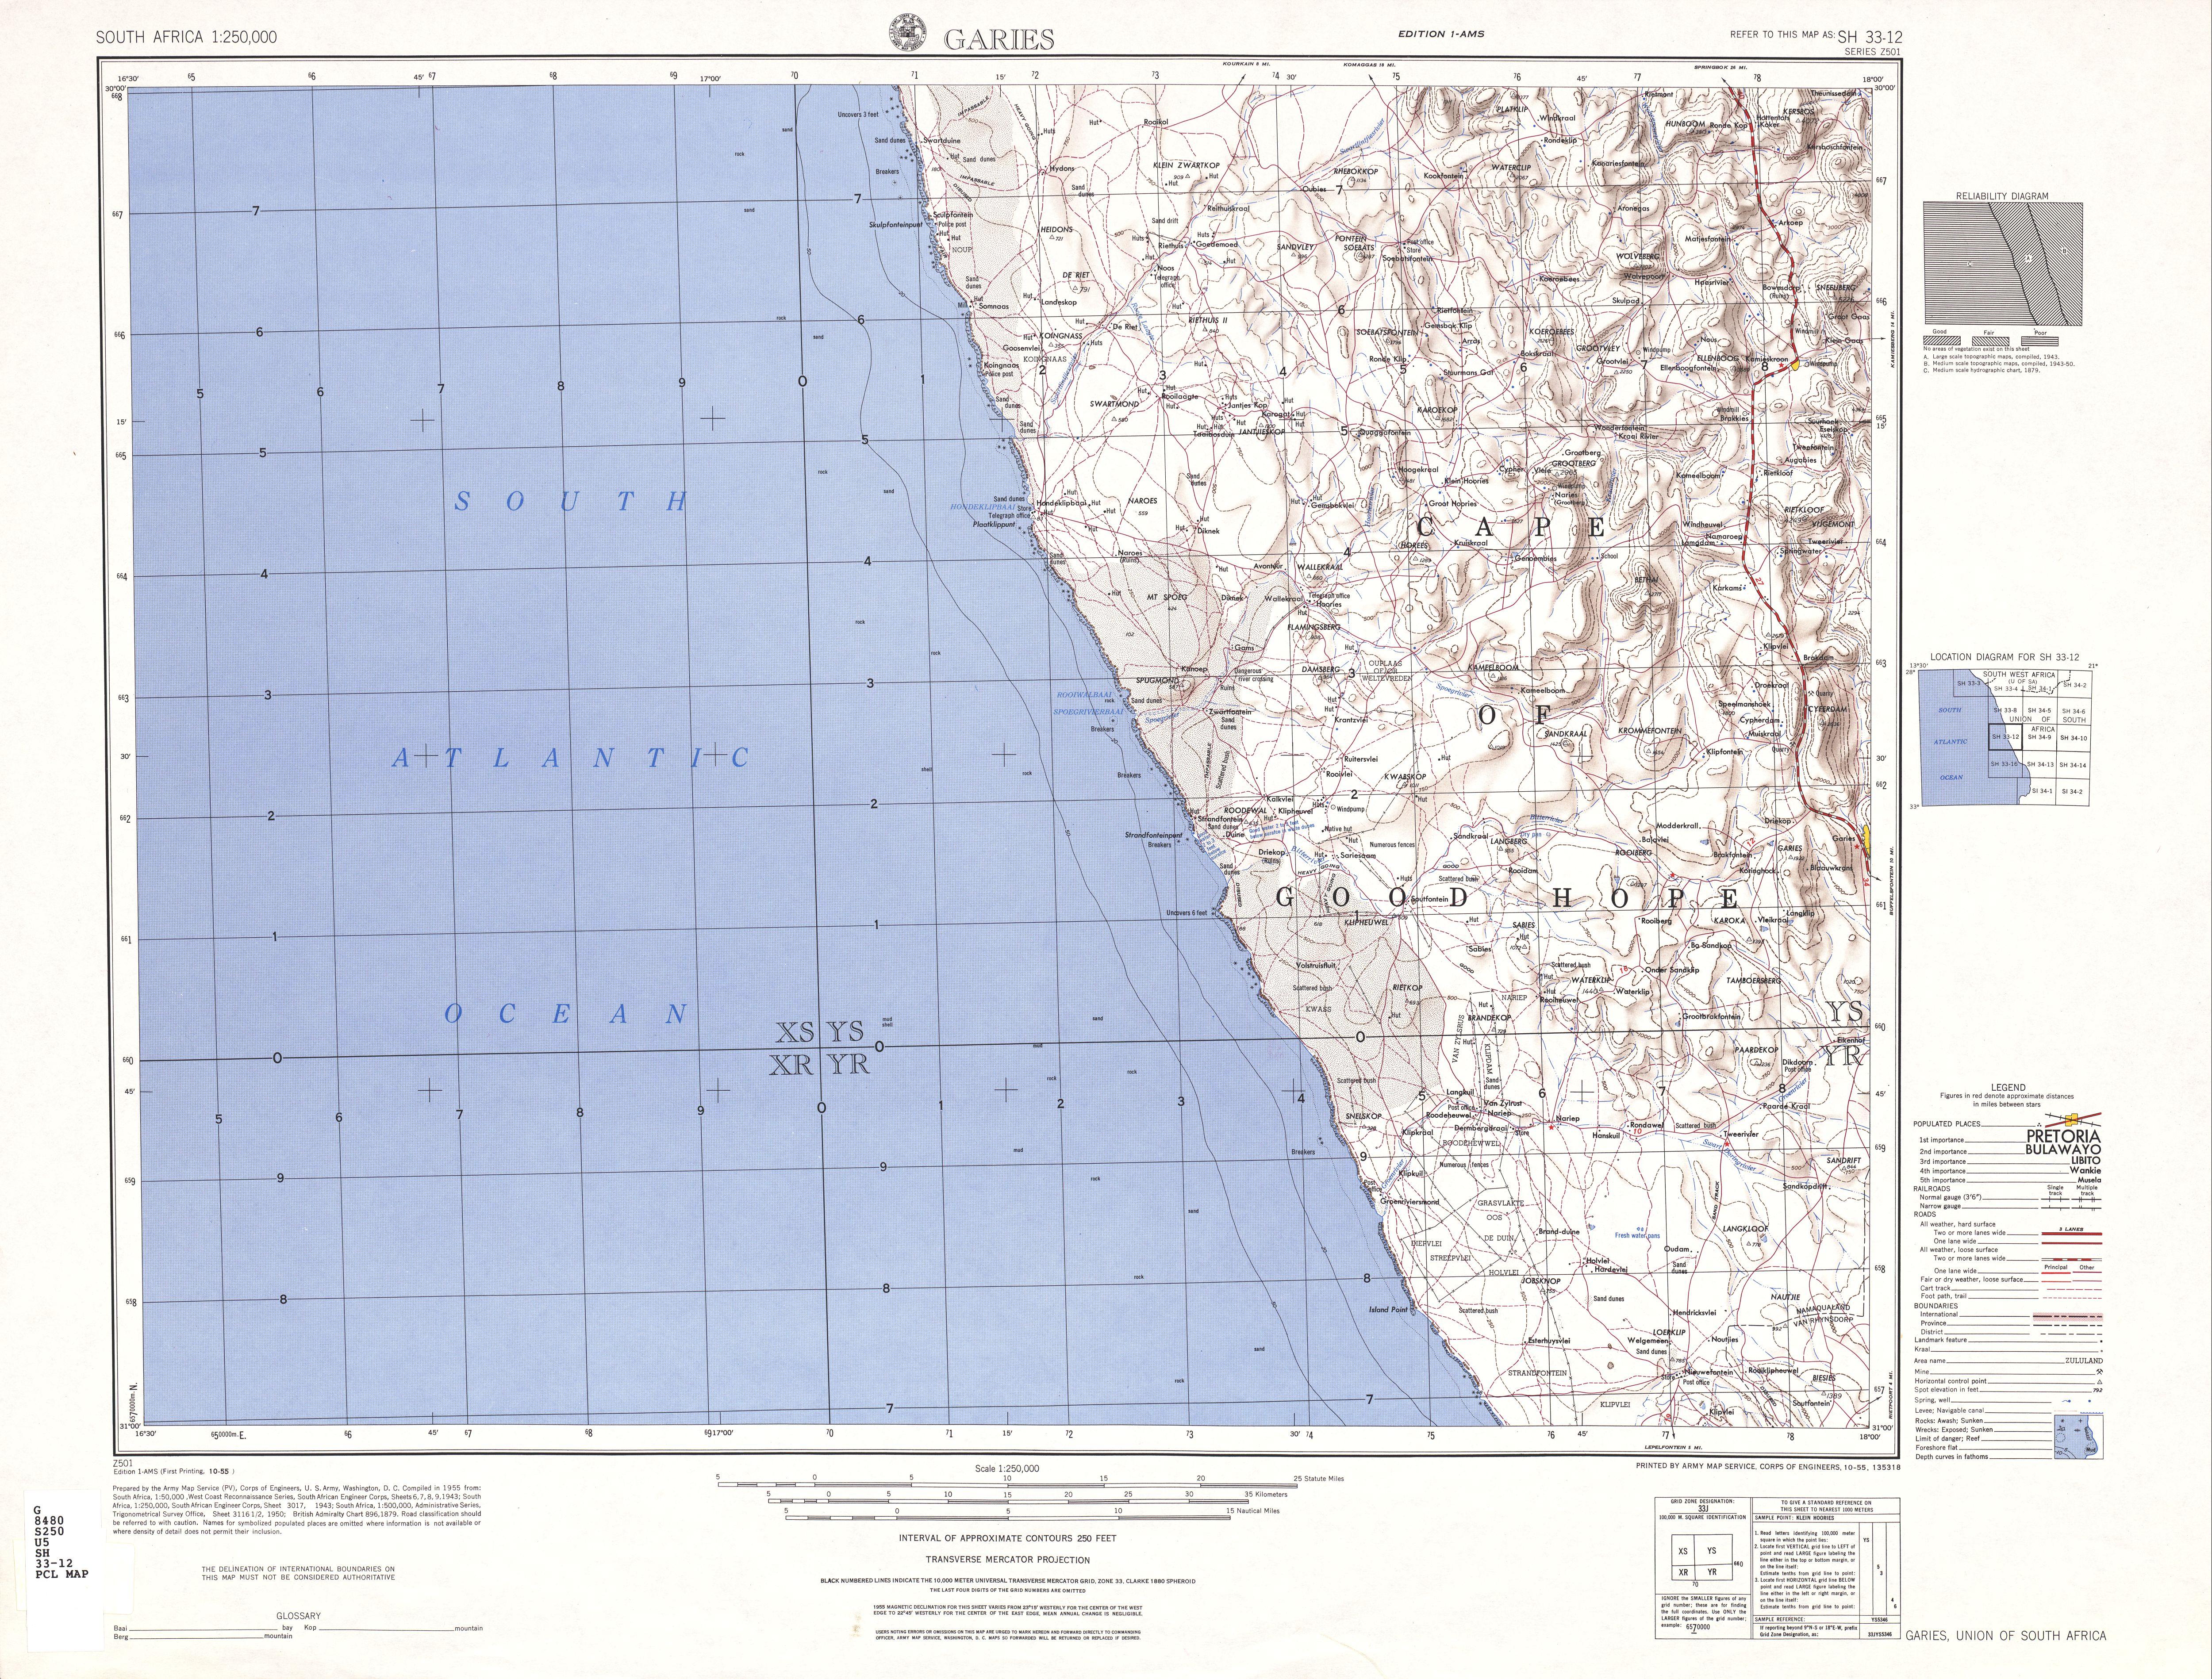 Hoja Garies del Mapa Topográfico de África Meridional 1954